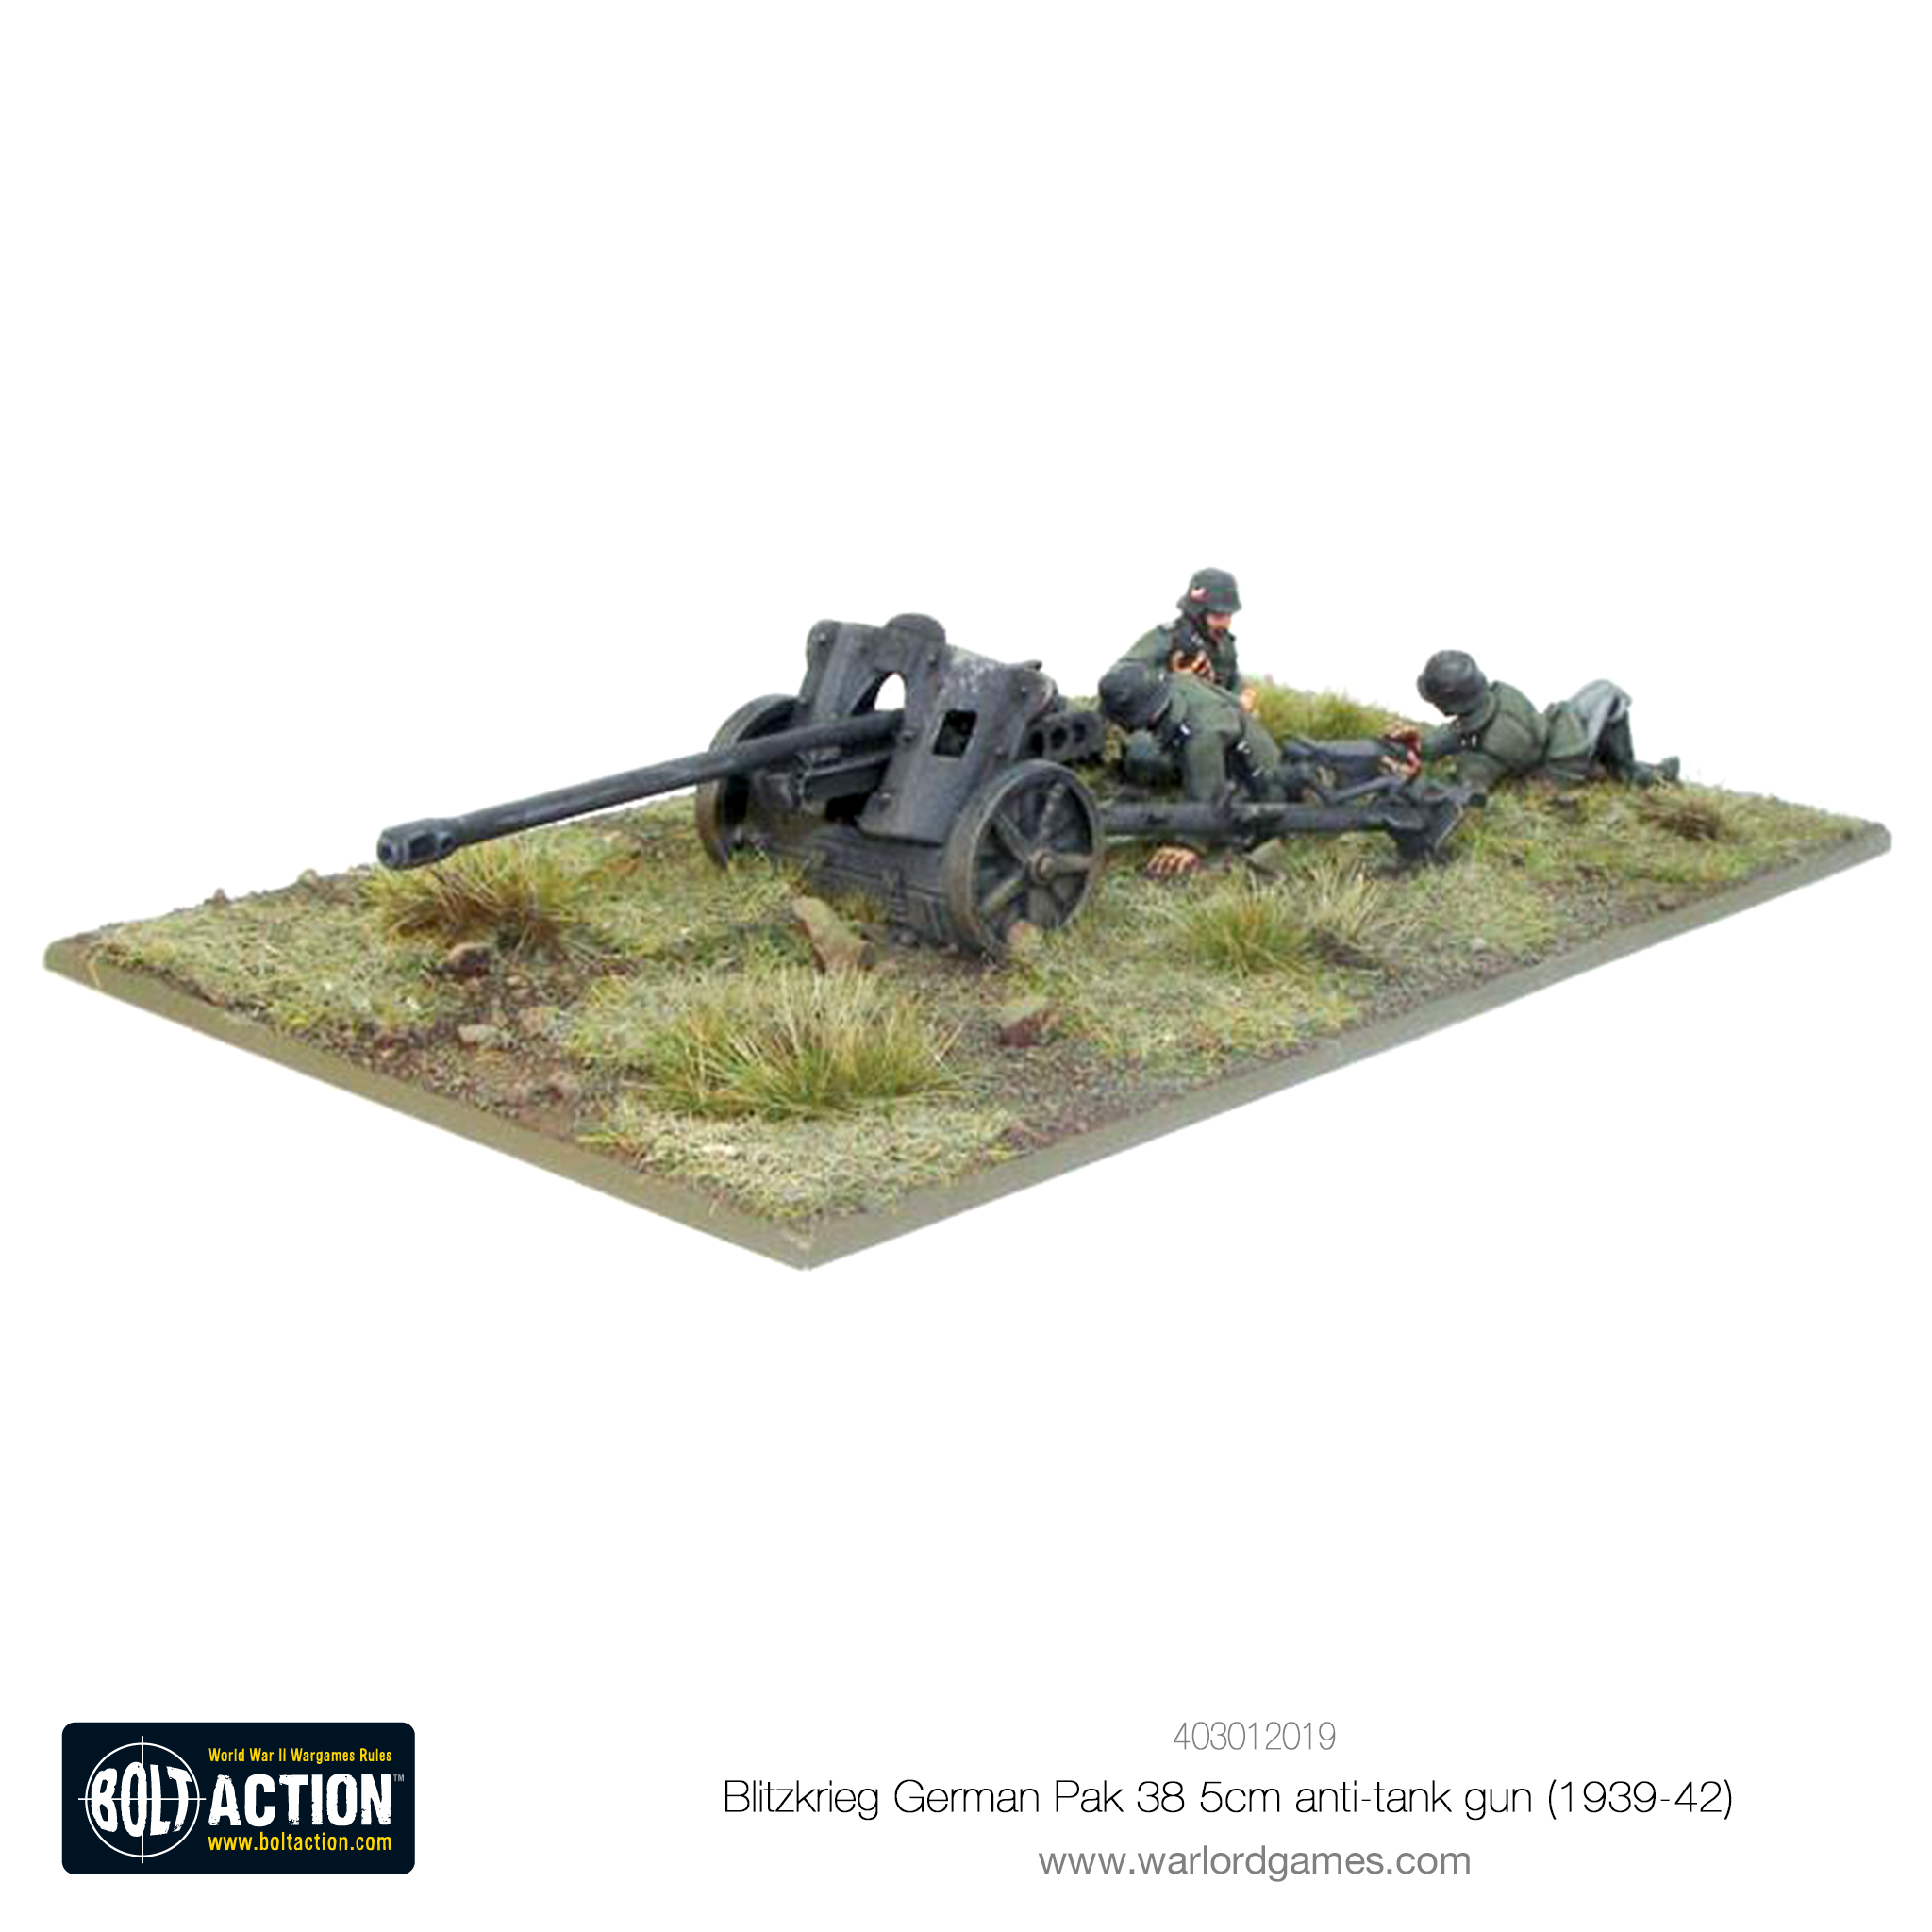 Blitzkrieg German Pak 38 5cm Anti-Tank Gun (1941-42)